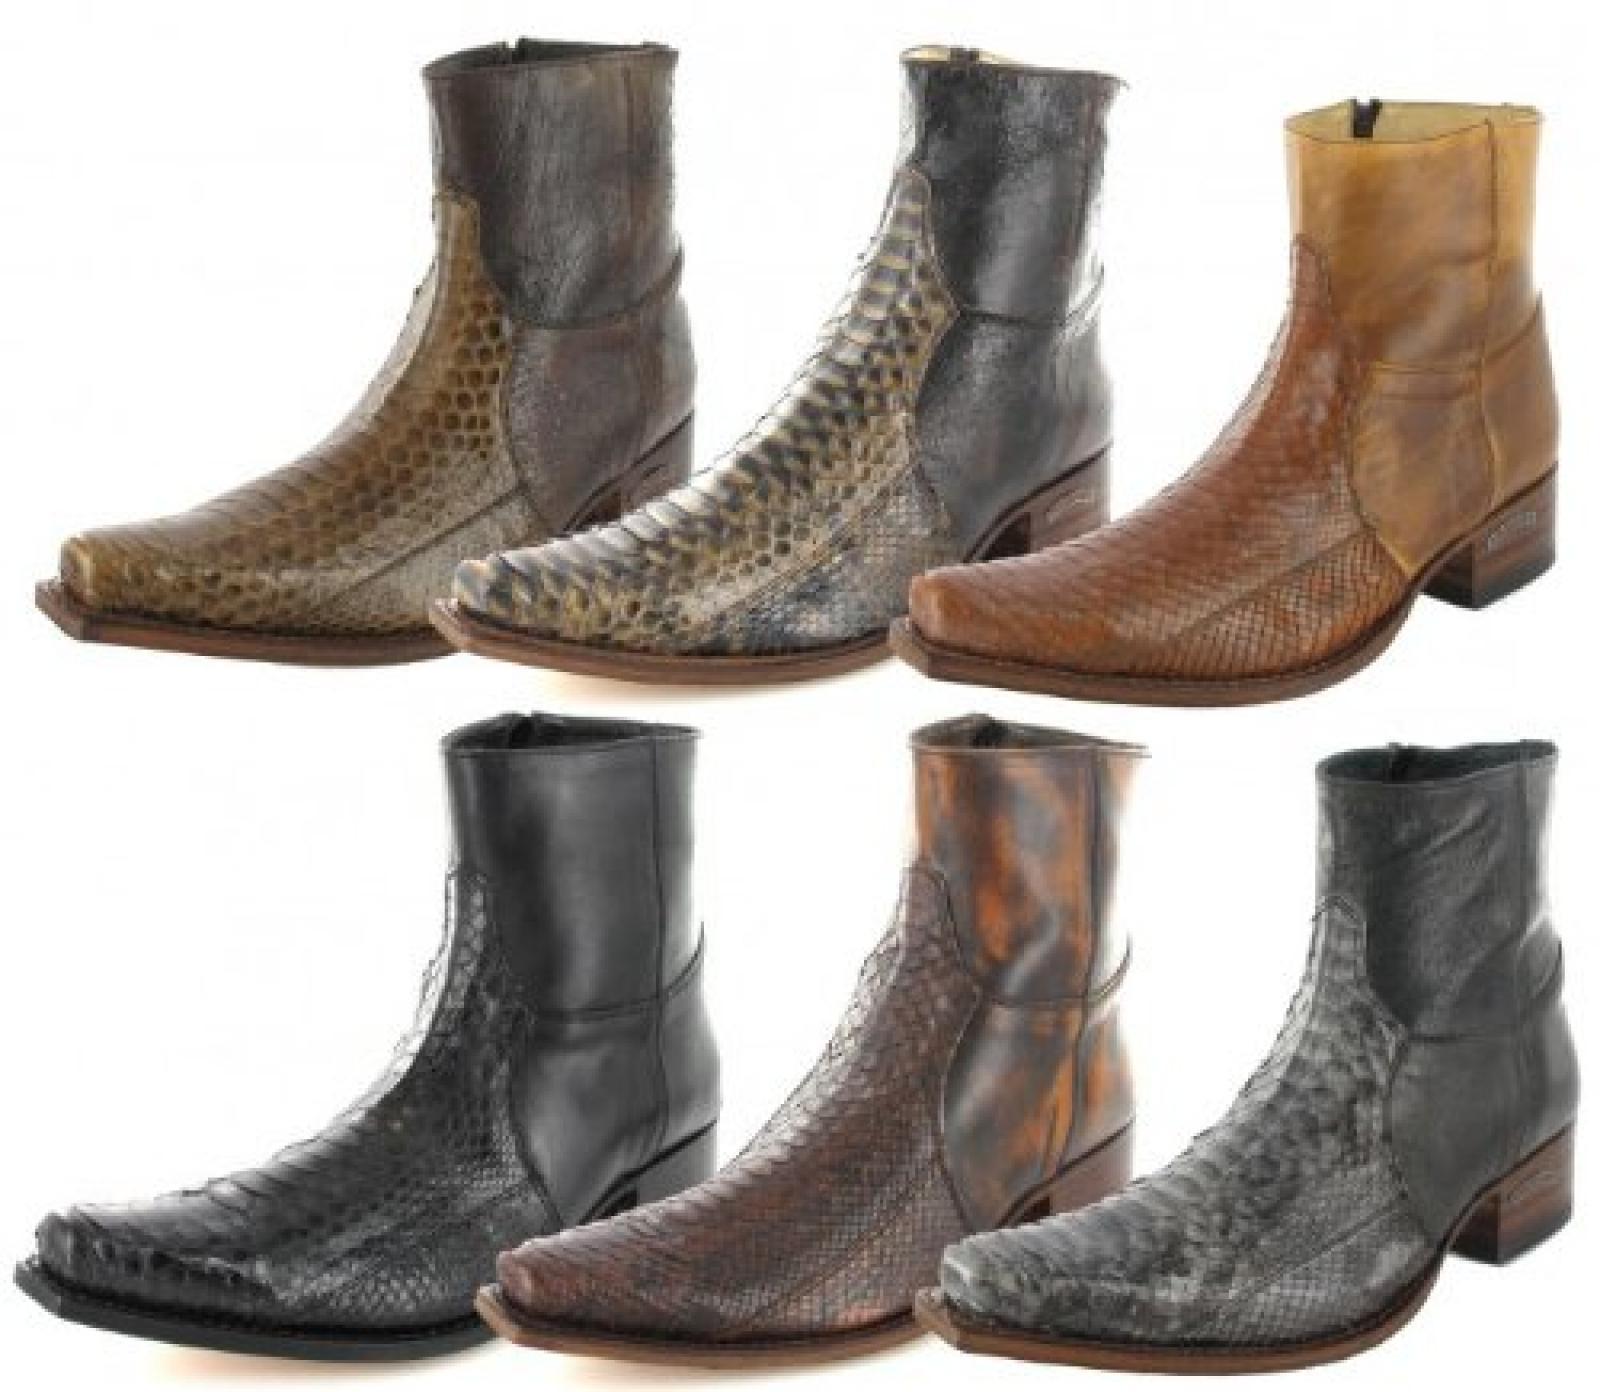 Sendra Boots 5701P Herren Python Westernstiefelette Cowboystiefelette (in 6 tollen Farben)